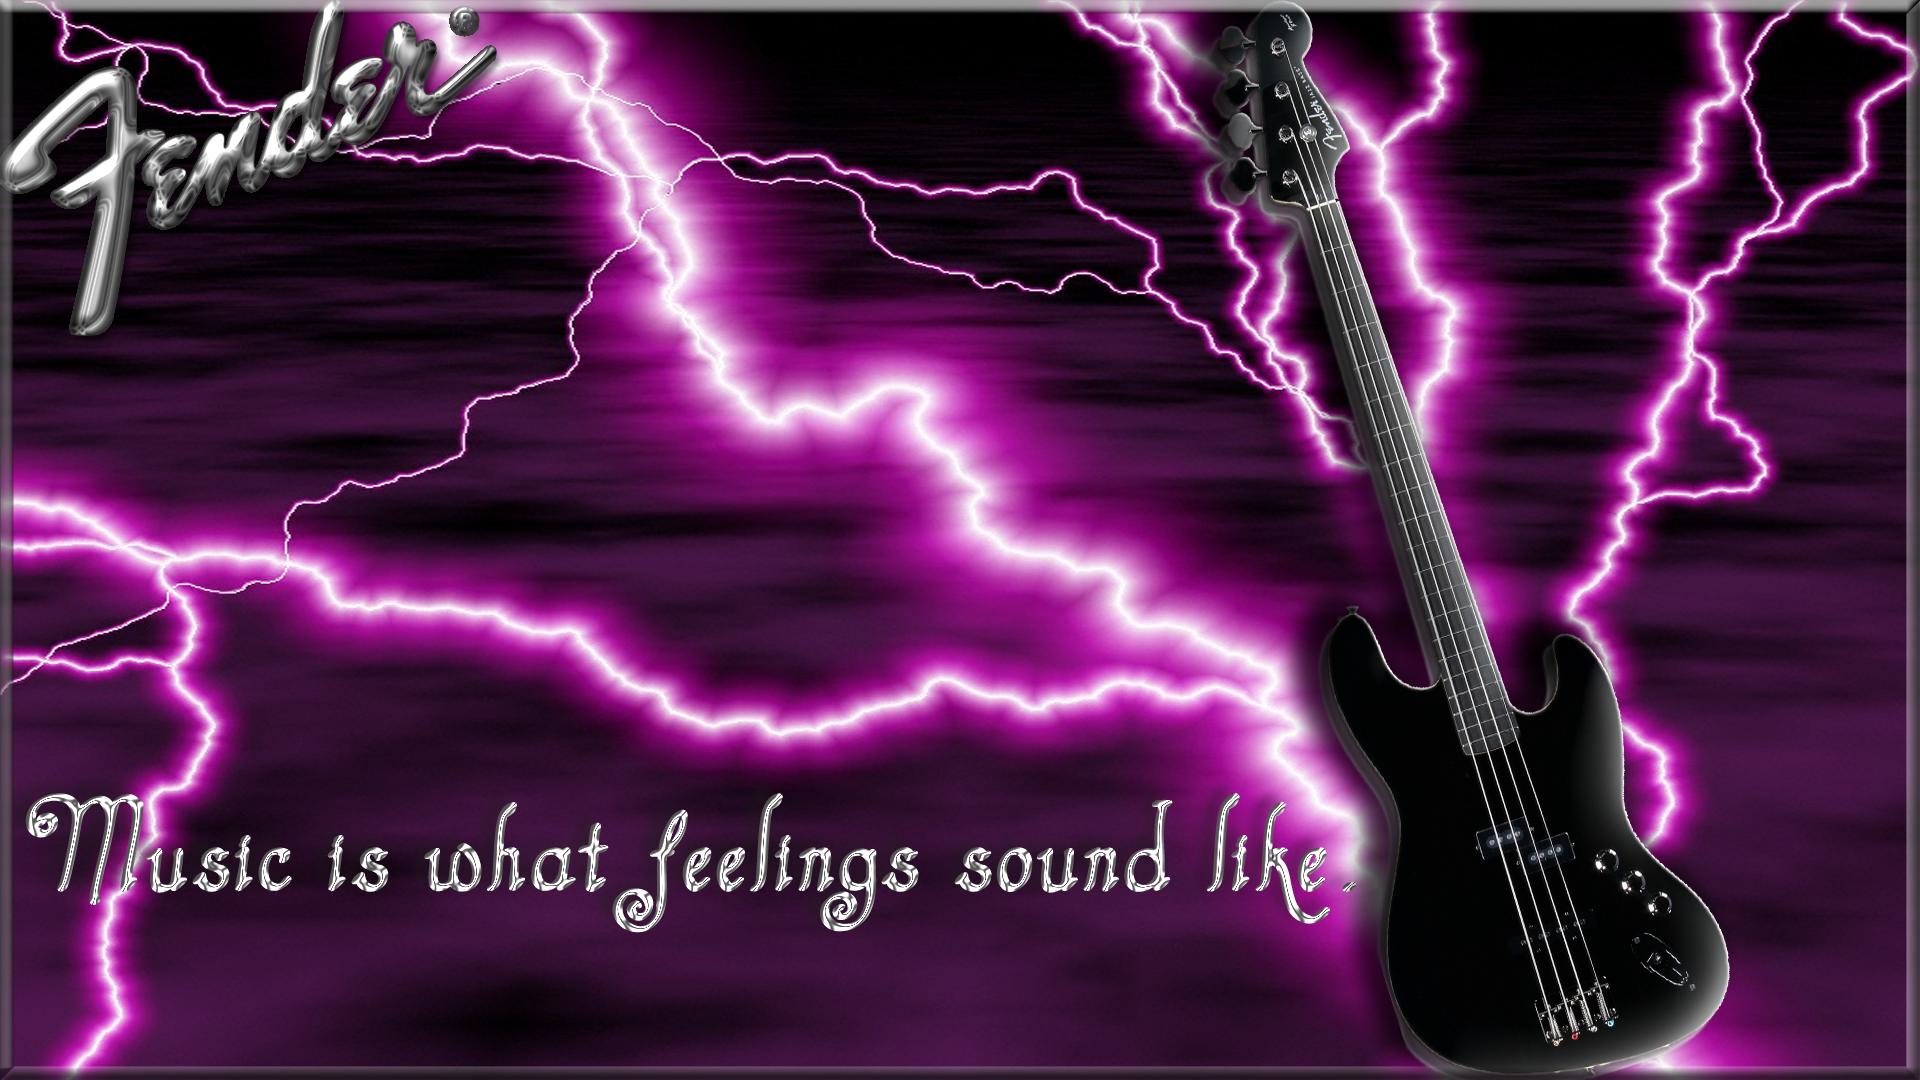 Black Fender Bass Guitar Computer Wallpapers Desktop Backgrounds 1920x1080